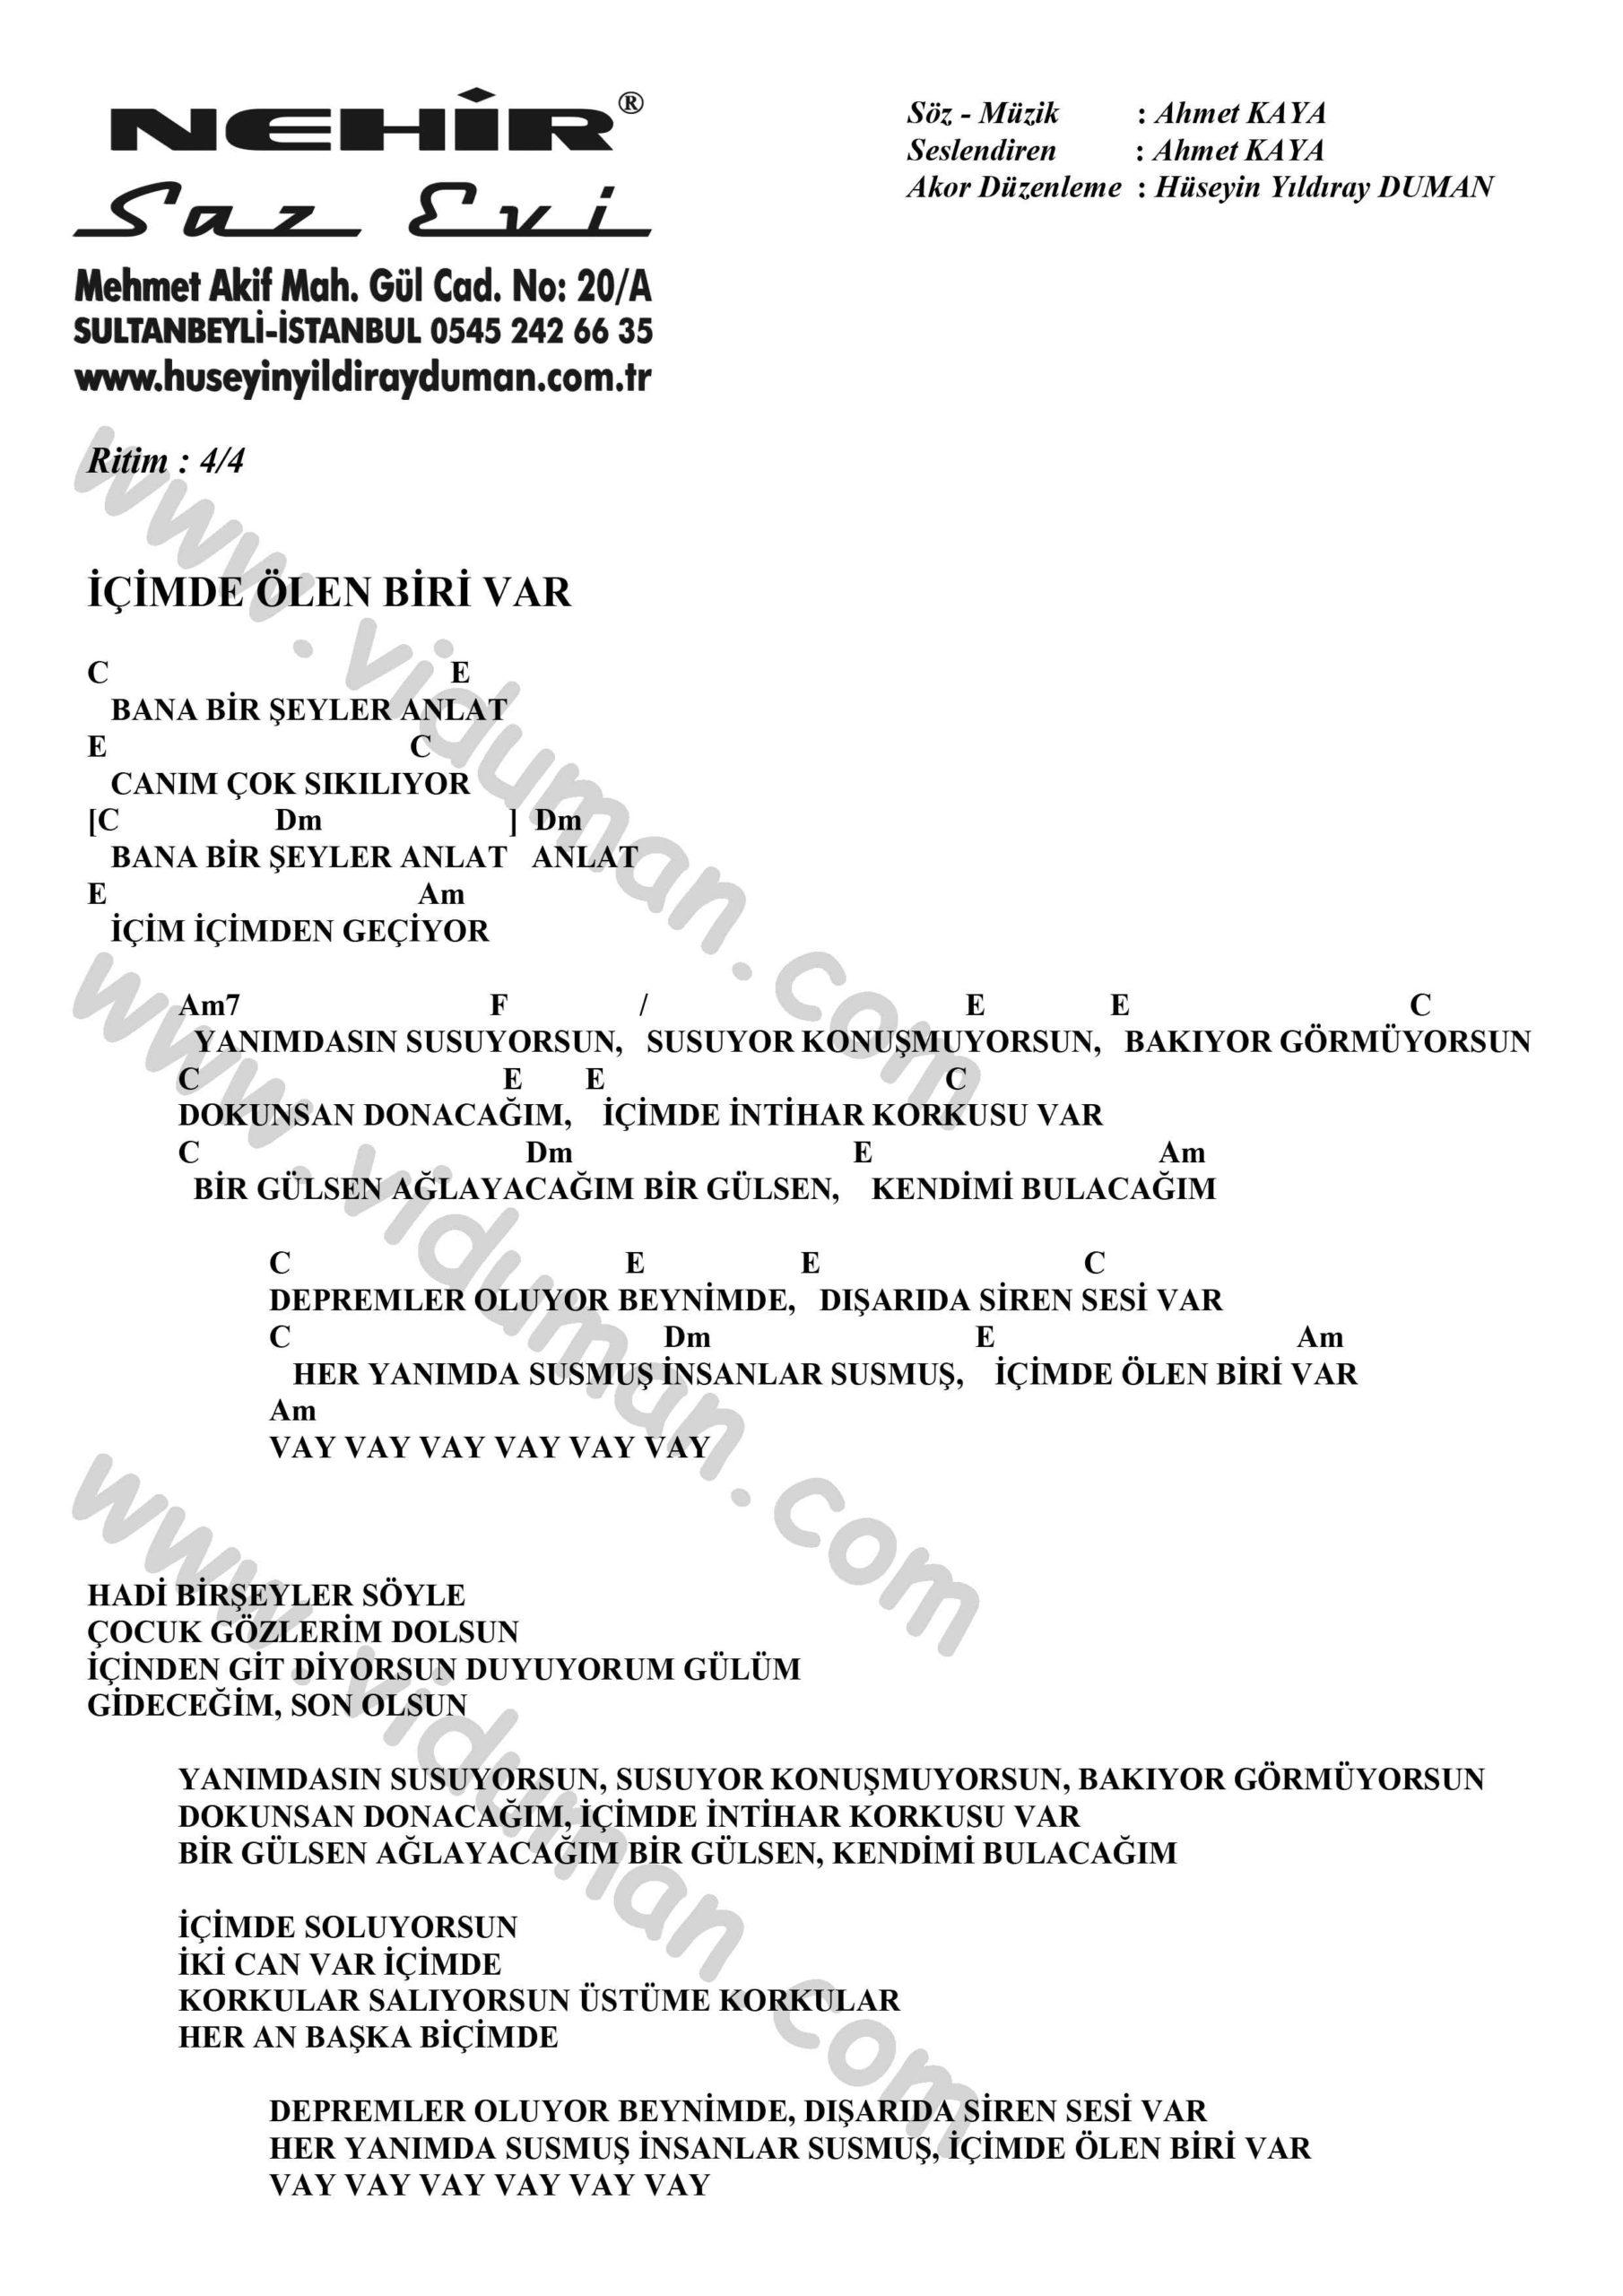 Icimde Olen Biri Var-Ahmet Kaya-Ritim-Gitar-Akorlari